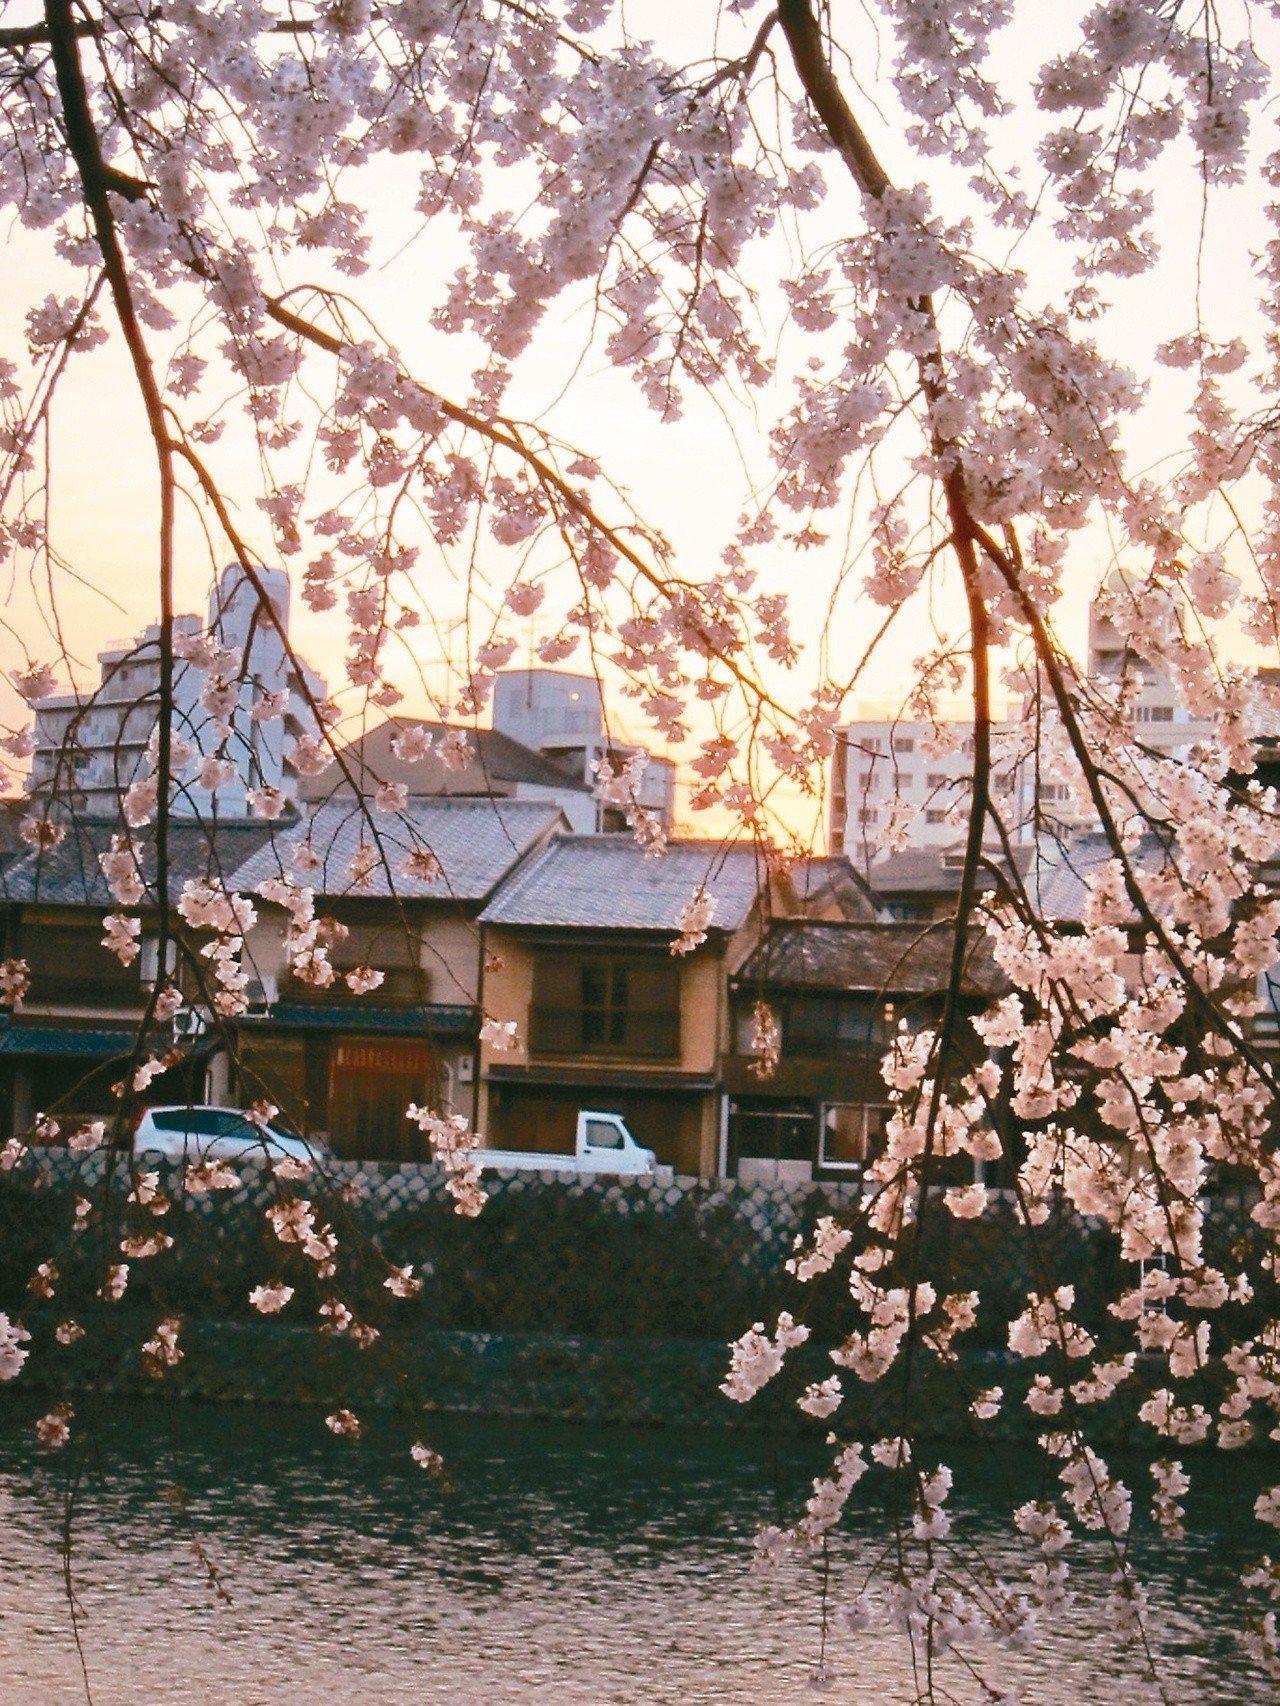 多年的京都賞櫻經驗中,深切感受到人生的無常與無法掌握。(圖/李清志提供)